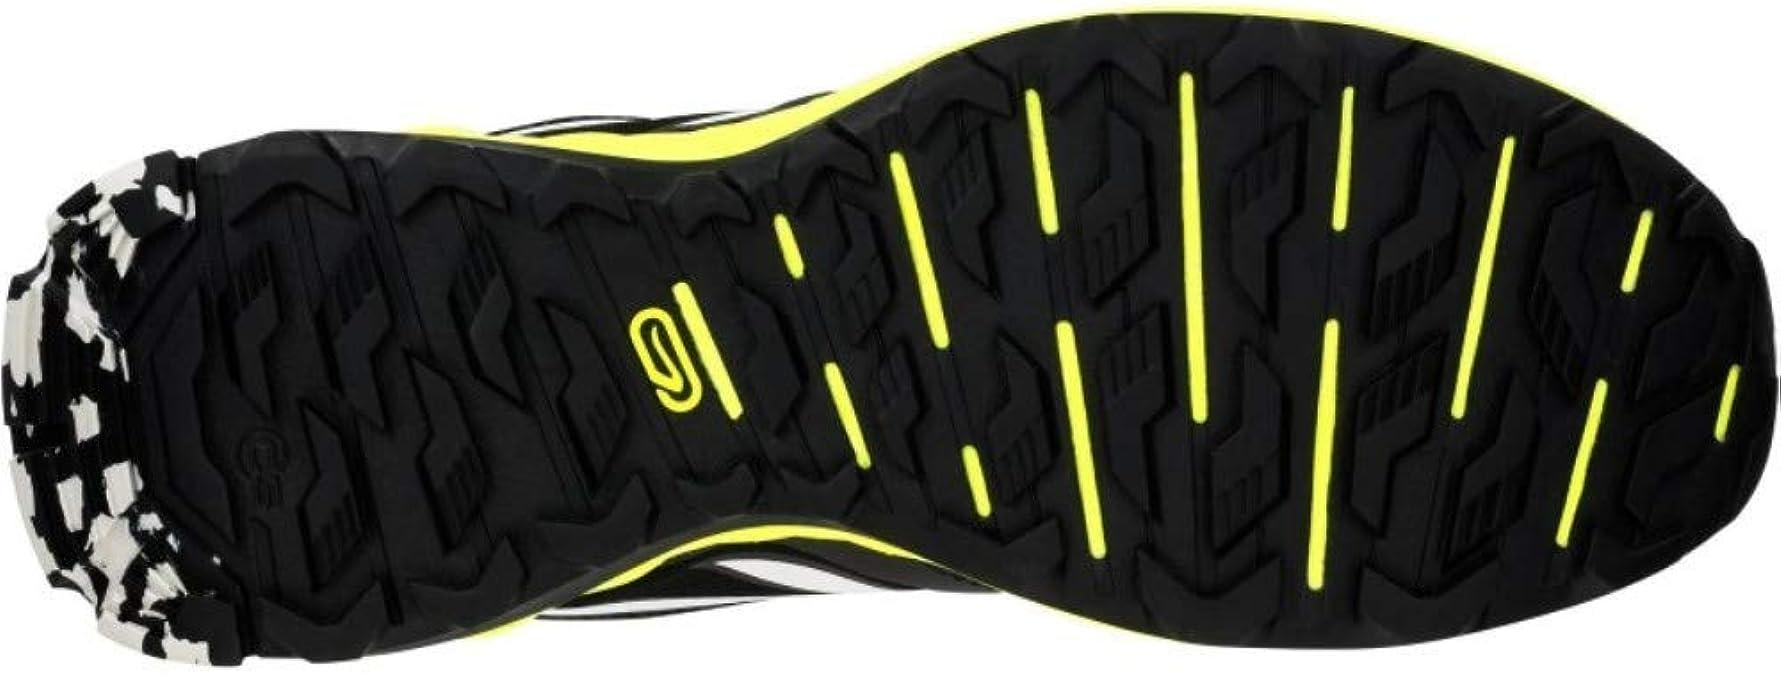 Kalenji - Zapatillas para Correr en montaña para Hombre, Color ...